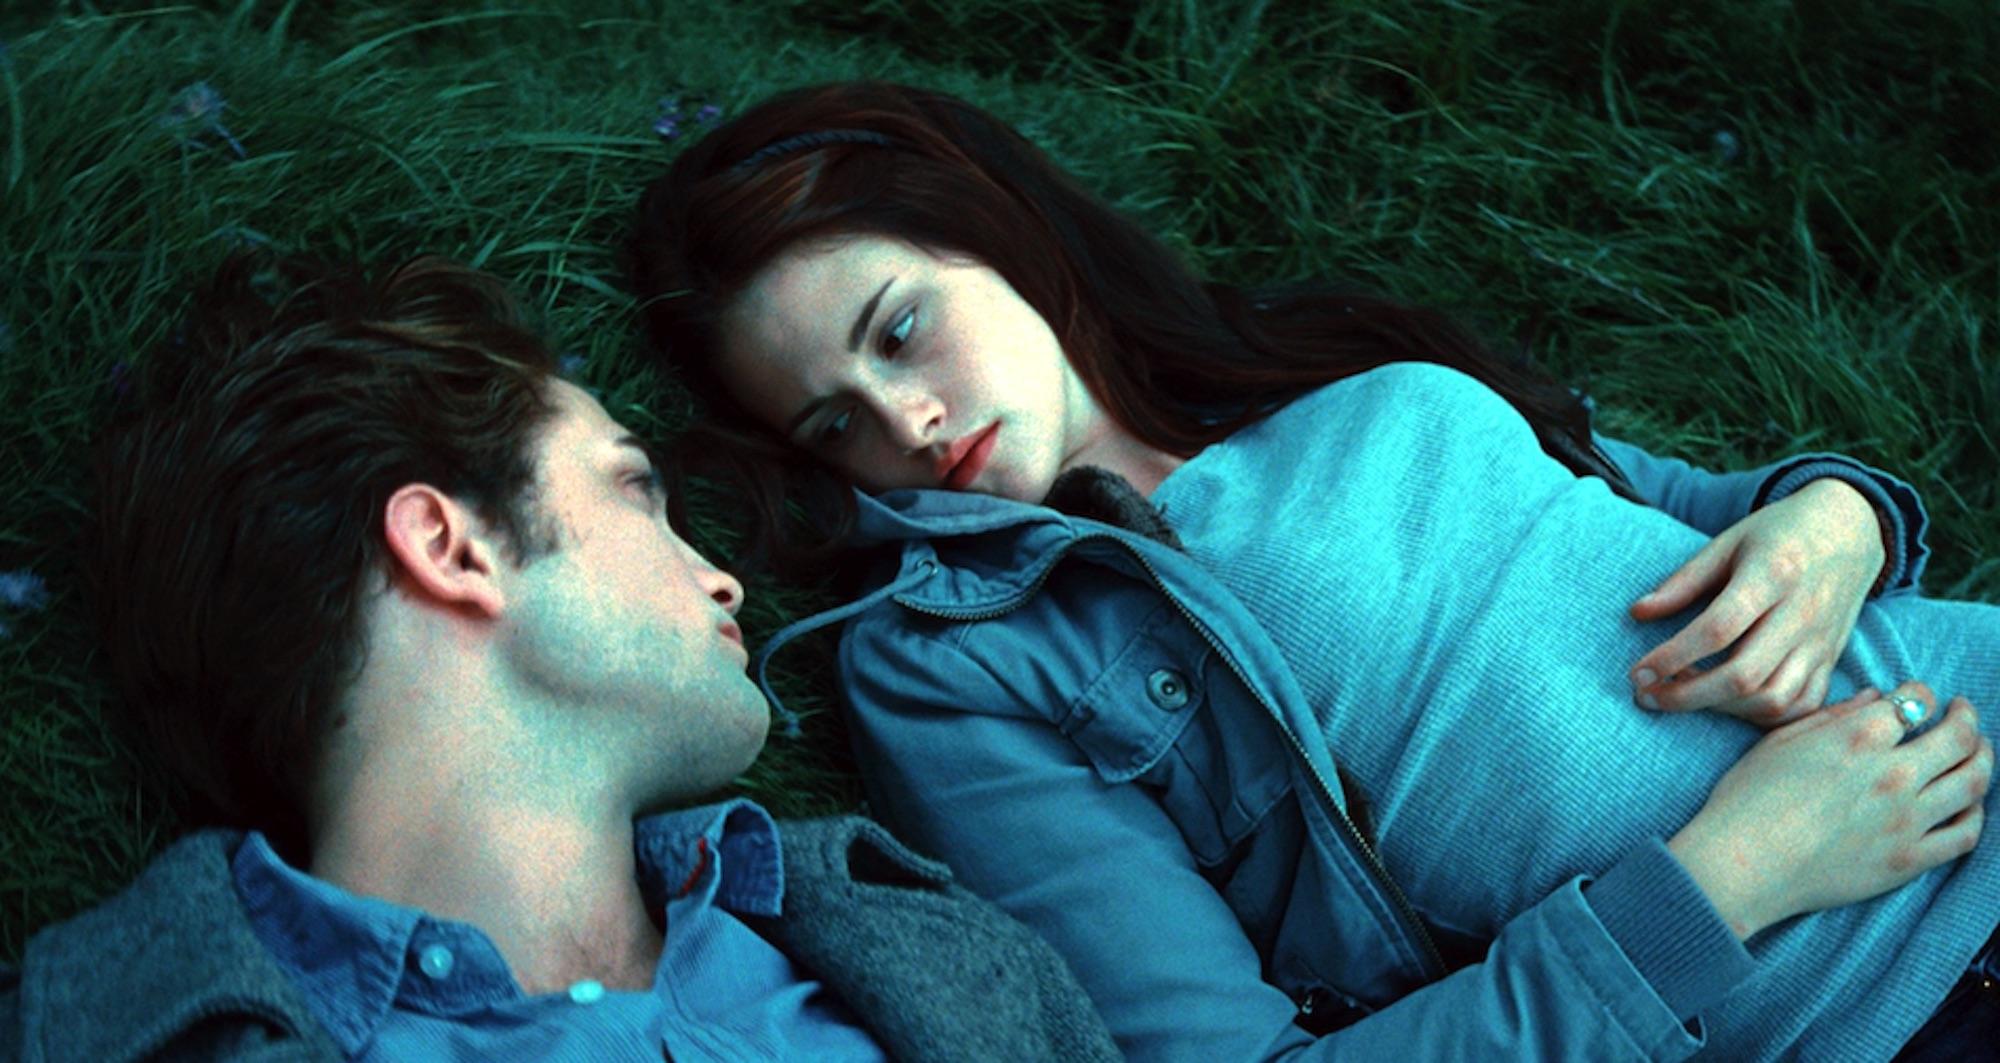 Edward Cullen (Robert Pattinson) and Bella Swan (Kristen Stewart) in the meadow in 'Twilight.'